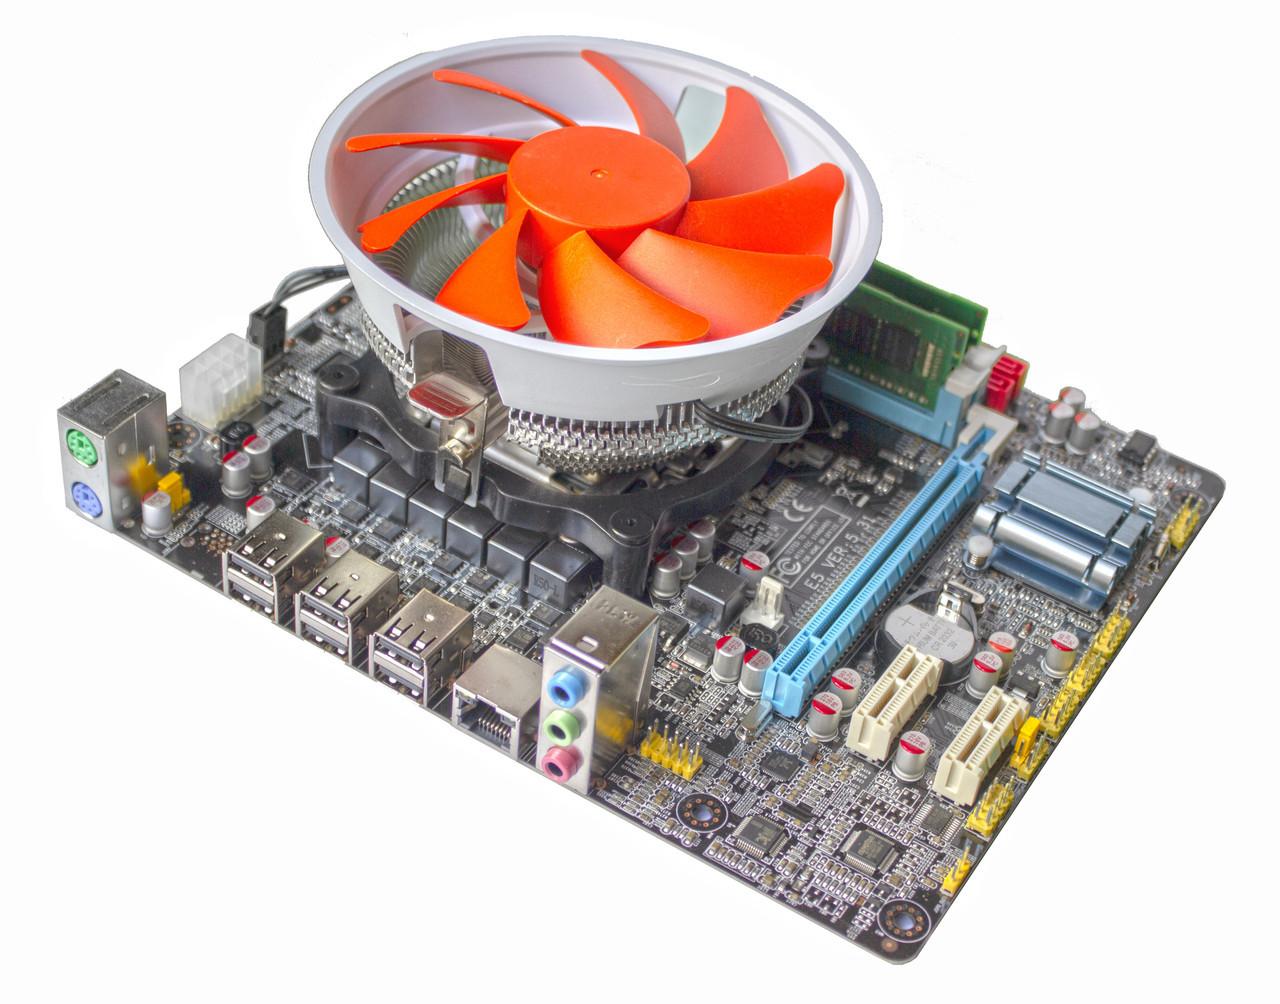 Материнская плата E5 V5.32 + Xeon E5-2420 1.9-2.4 GHz + 8 GB RAM + Кулер, LGA 1356